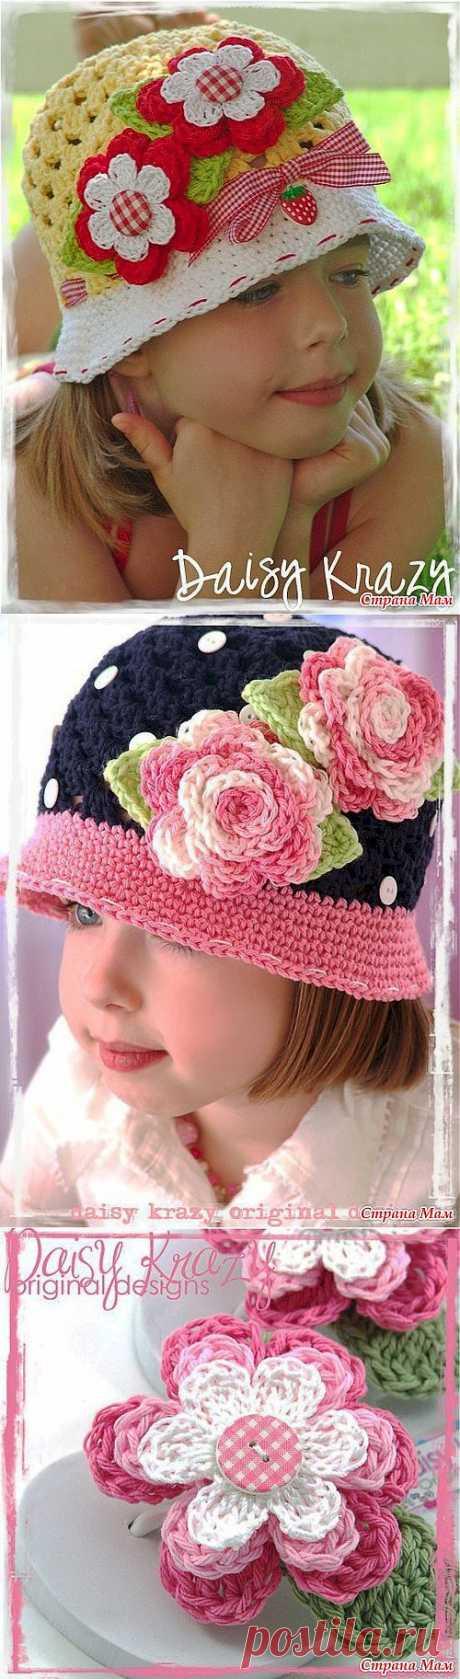 Для юных модниц: шапочка от Daisy Krazy кючком. Мастер-класс + схемы.